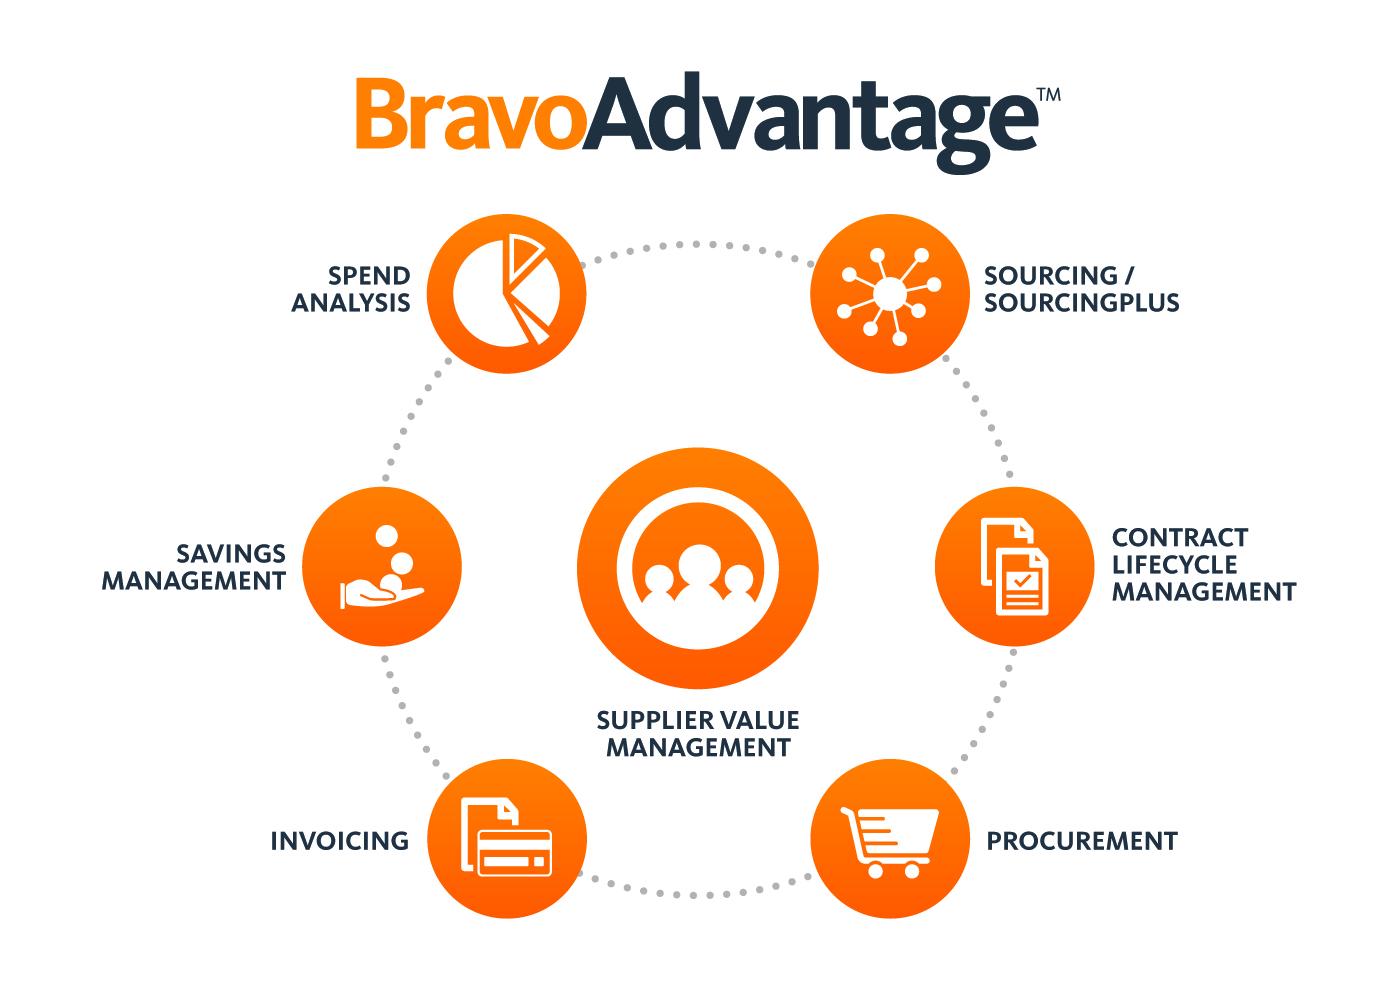 BravoAdvantage Demo - BravoAdvantage